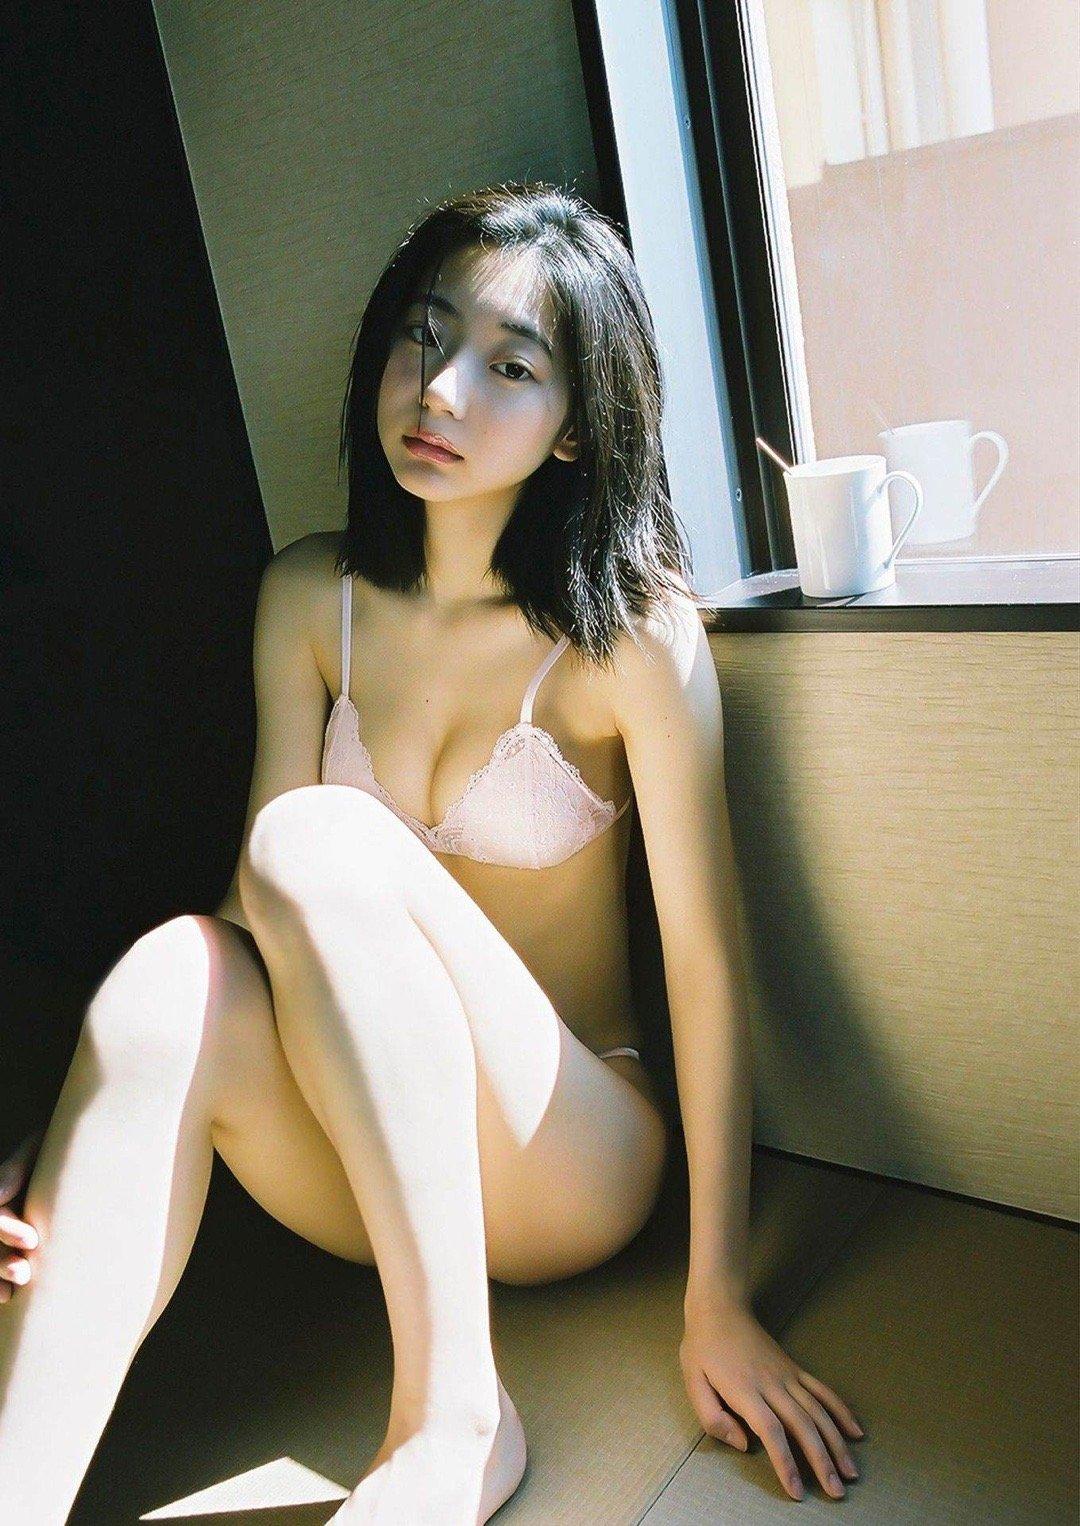 [妹子图]武田玲奈  养眼图片 第4张